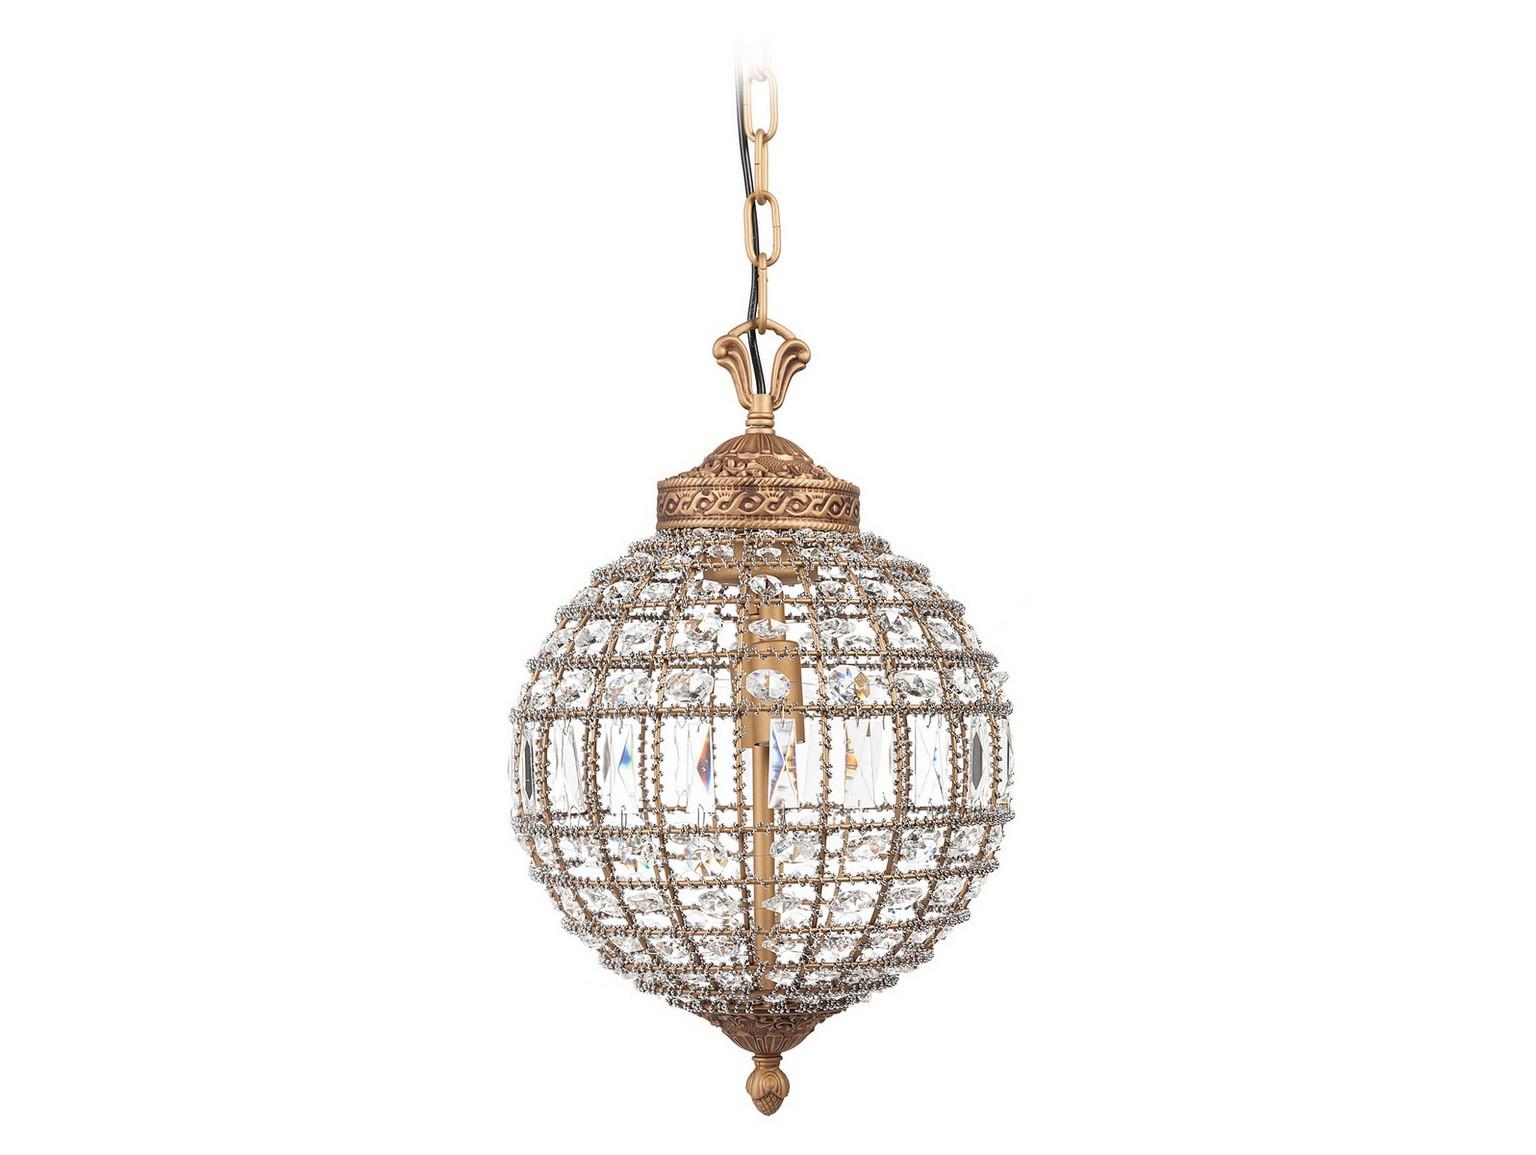 Люстра Casbah Crystal ChandelierЛюстры подвесные<br>&amp;lt;div&amp;gt;Предназначена для использования со светодиодными лампами, лампы не включены в комплект&amp;lt;/div&amp;gt;&amp;lt;div&amp;gt;Материалы: металл, хрусталь&amp;lt;/div&amp;gt;&amp;lt;div&amp;gt;&amp;lt;br&amp;gt;&amp;lt;/div&amp;gt;&amp;lt;div&amp;gt;Вид цоколя: Е14&amp;lt;/div&amp;gt;&amp;lt;div&amp;gt;Мощность лампы: 40W&amp;lt;/div&amp;gt;&amp;lt;div&amp;gt;Количество ламп: 2&amp;lt;/div&amp;gt;&amp;lt;div&amp;gt;Наличие ламп: нет&amp;lt;/div&amp;gt;<br><br>Material: Металл<br>Height см: 47<br>Diameter см: 30